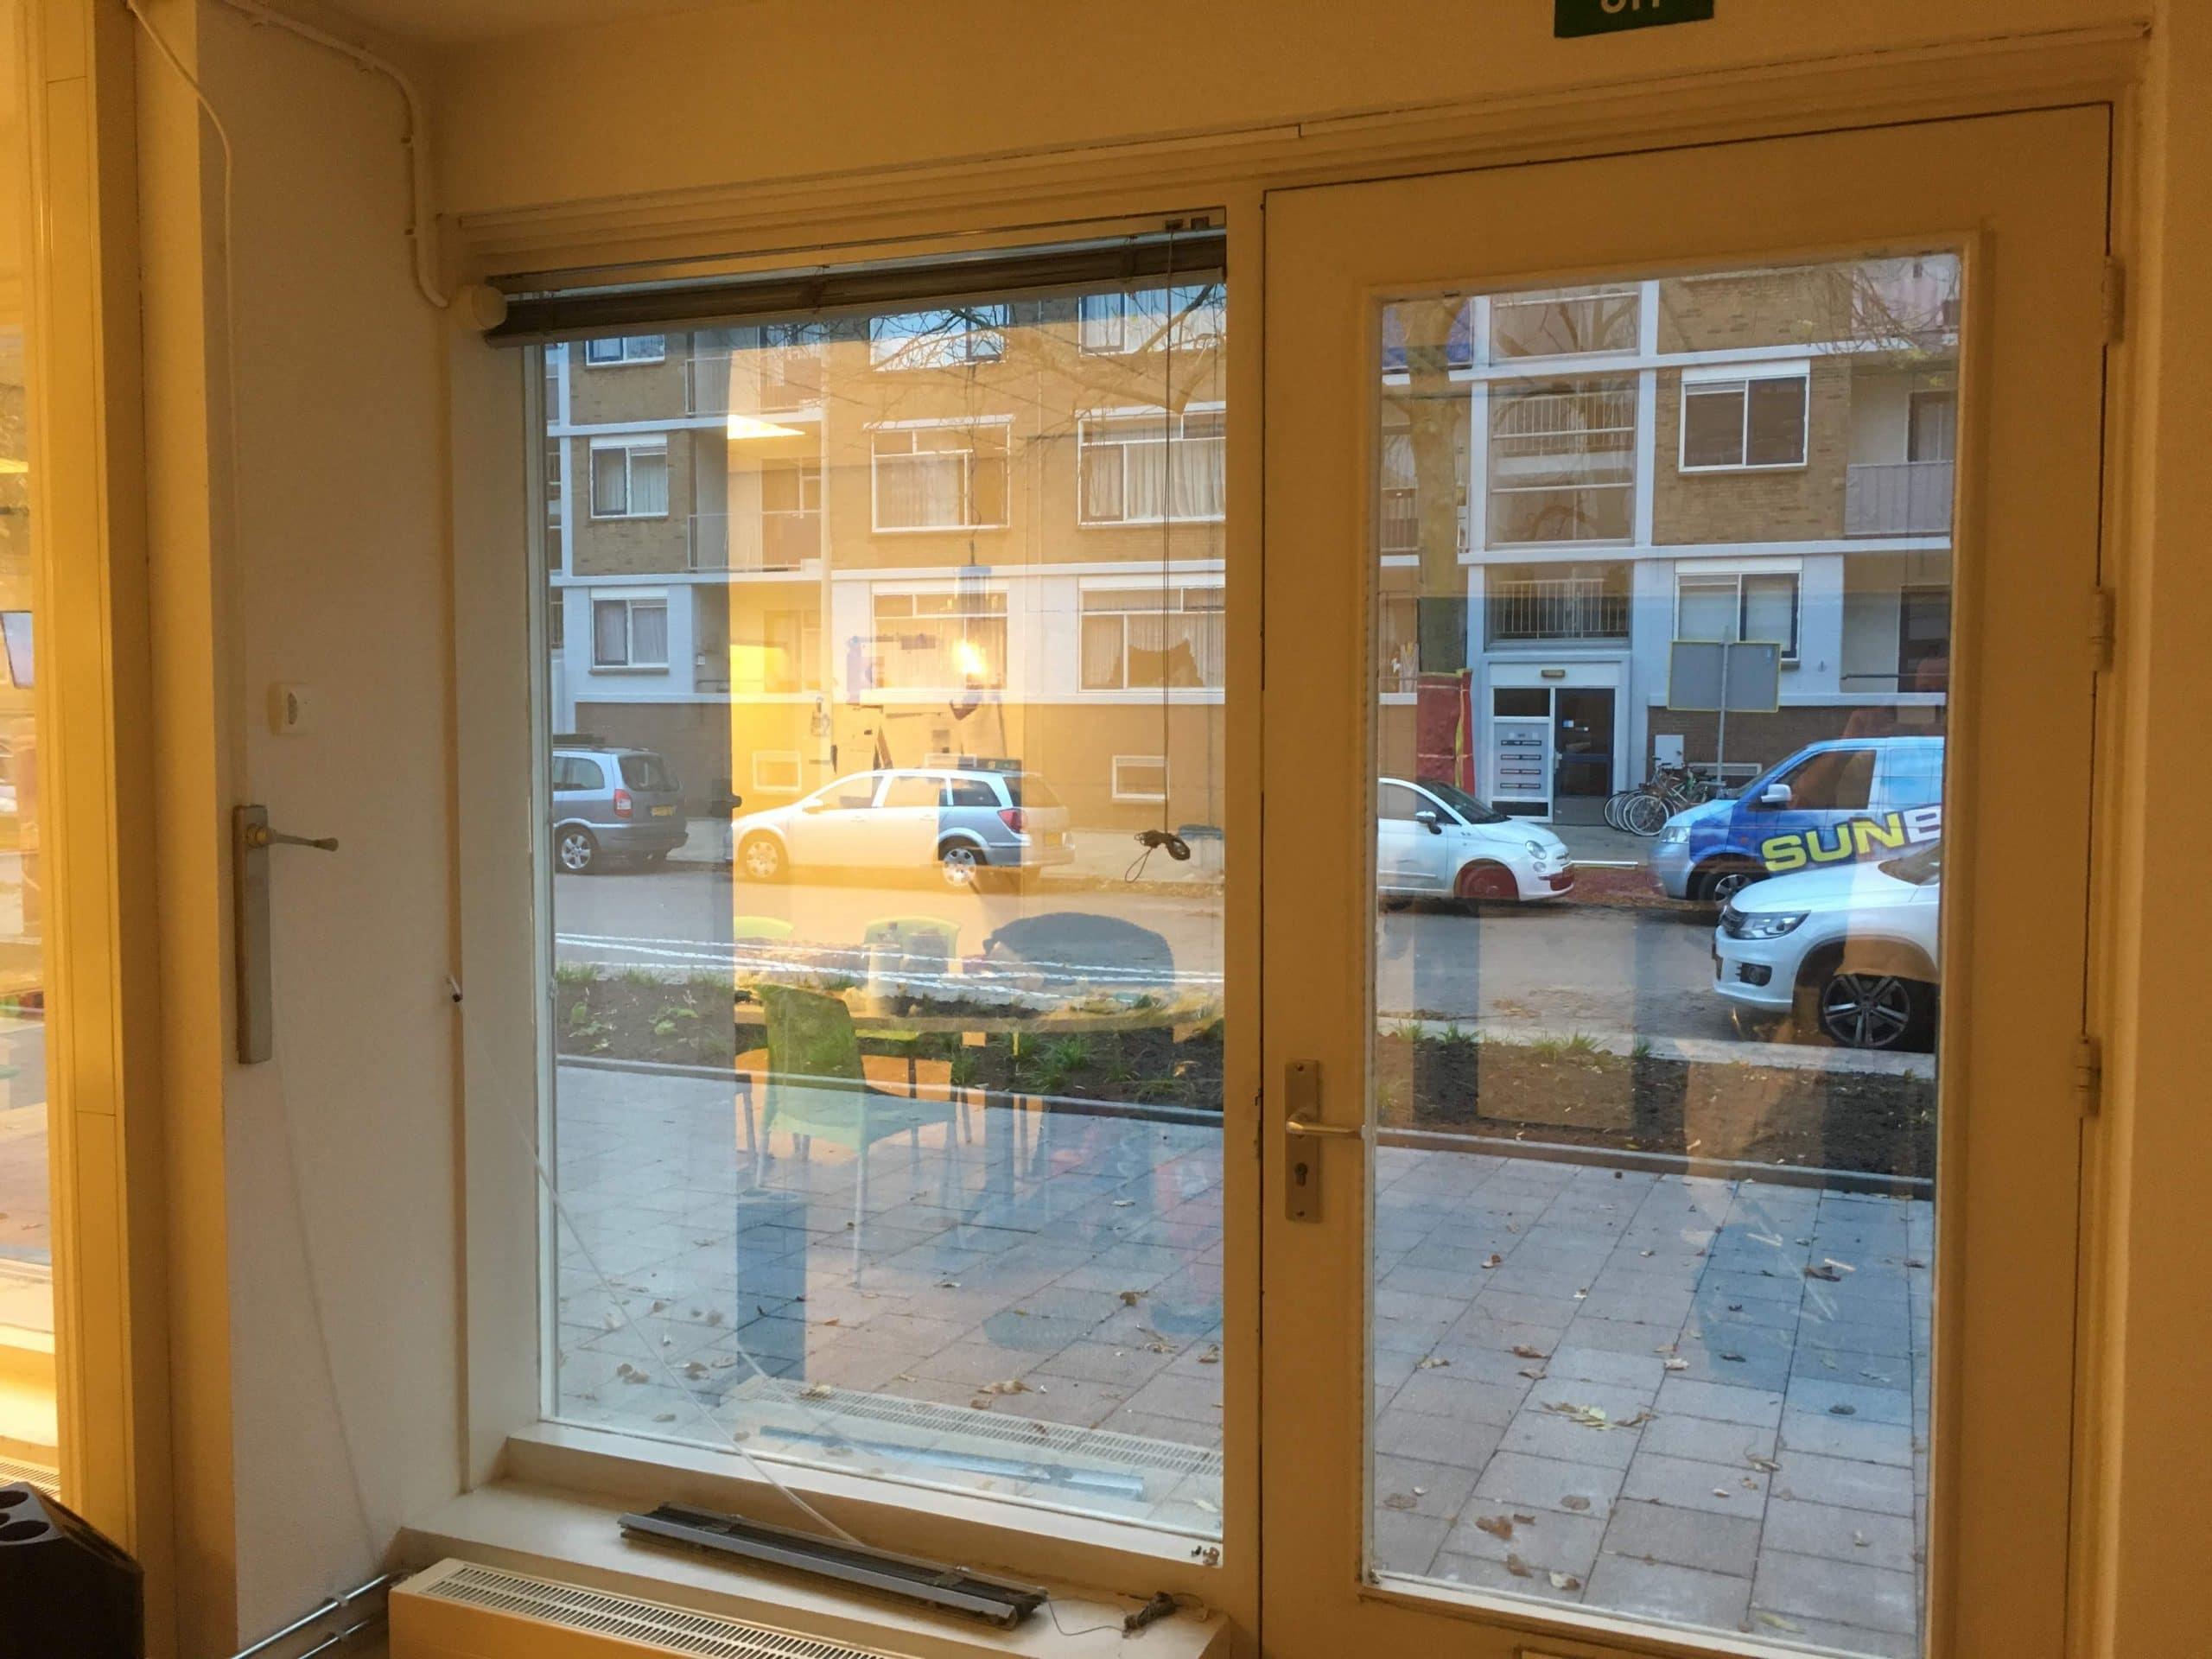 Sunblock Zilver 20 gemonteerd teneinde inkijk te beperken en zonnewarmte buiten het gebouw te houden